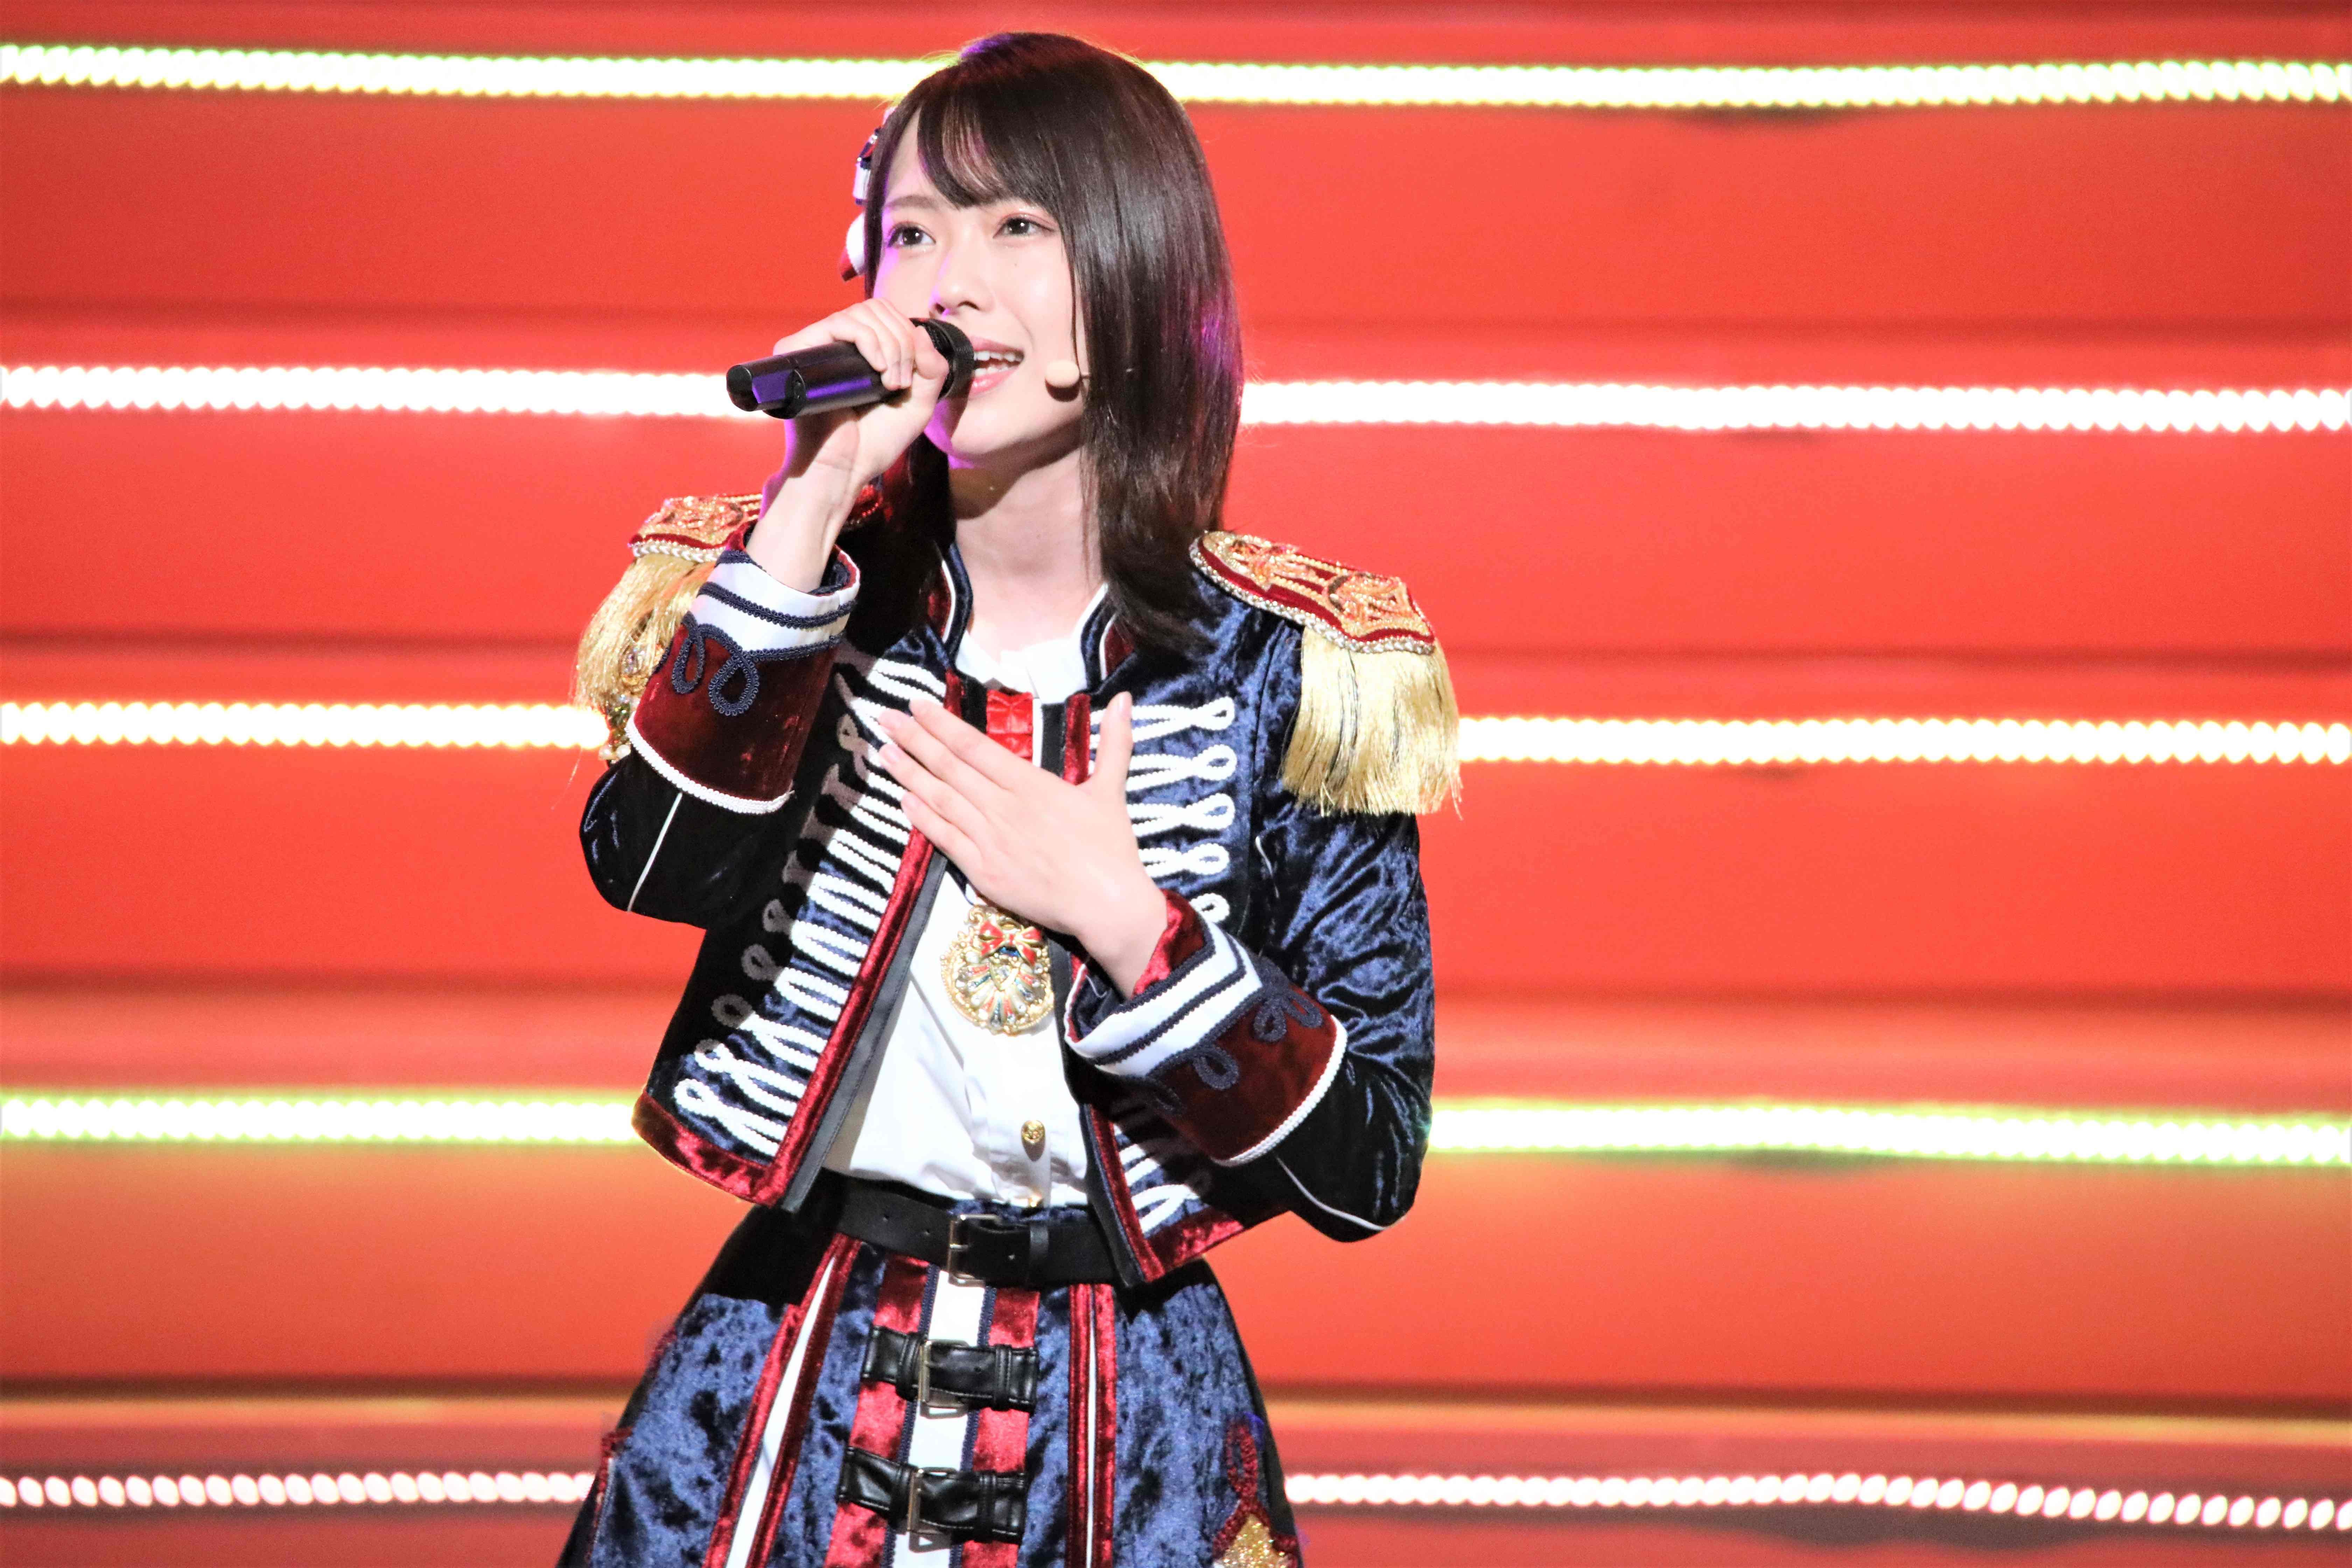 小田えりな「だから君が好きなのか」©AKB48 THE AUDISHOW製作委員会  無断アップロード及び転送は一切禁止です。